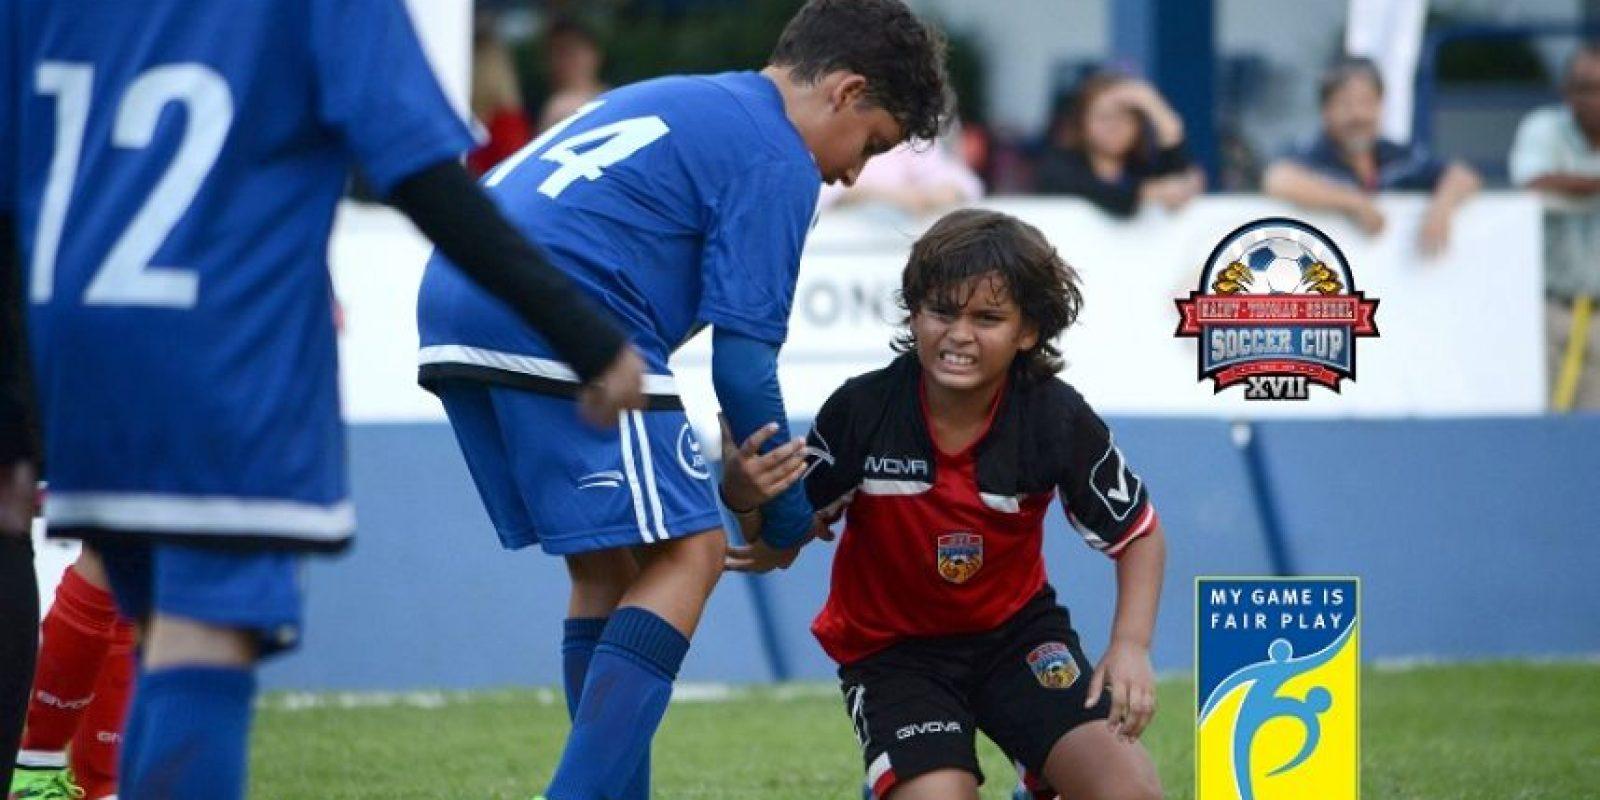 Joaquín Mañón, en el suelo, (Saint Thomas School) es asistido por José Goldar, de ABC School. Foto:Fuente externa